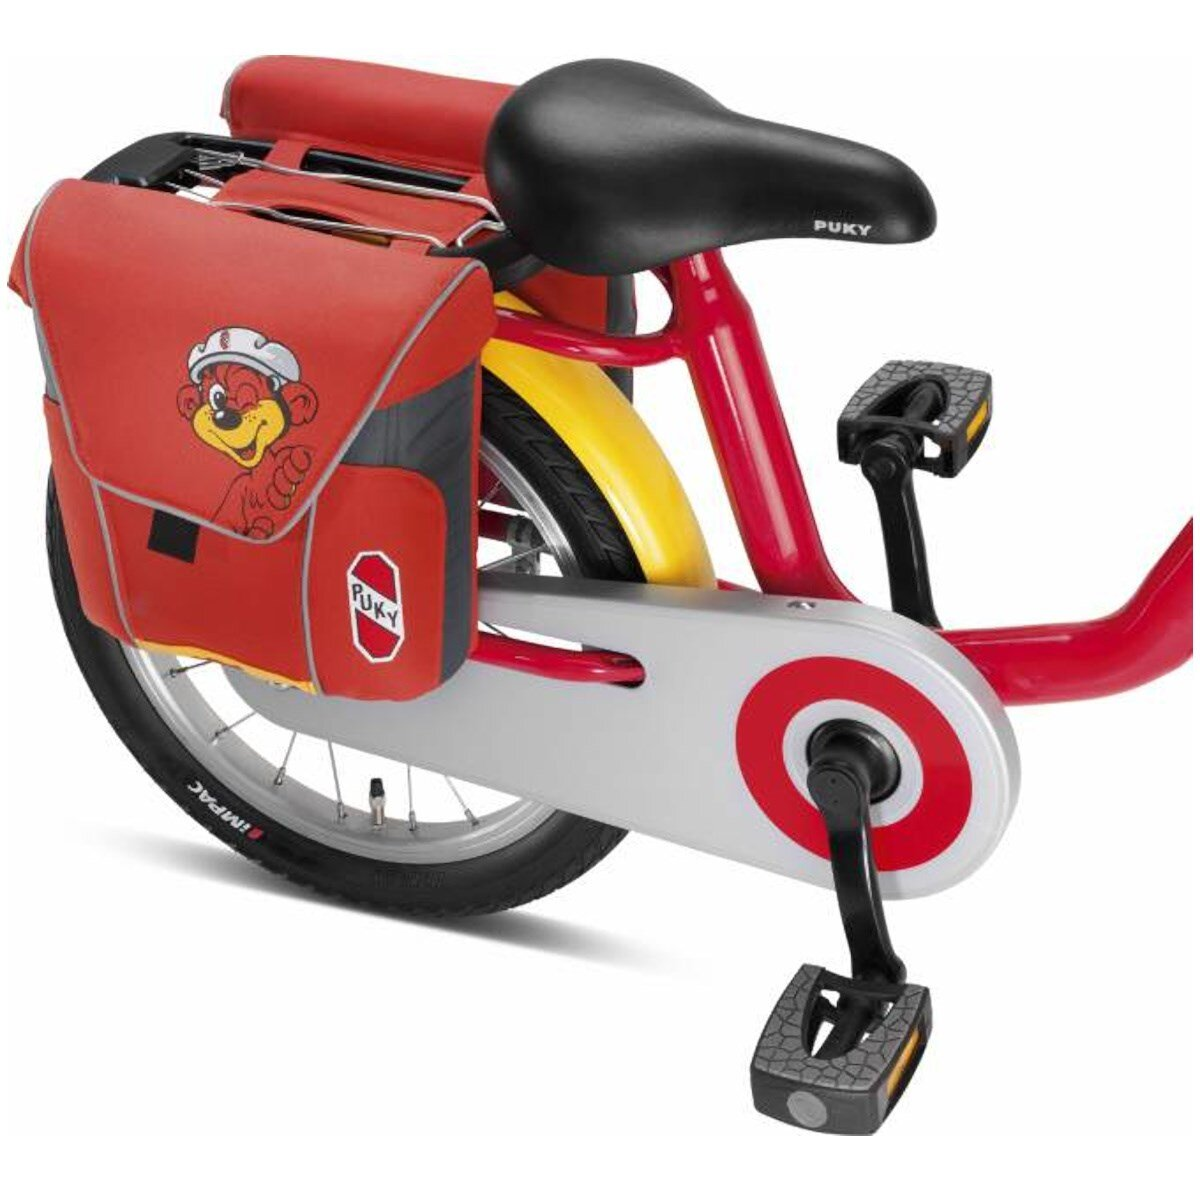 PUKY GmbH & Co. KG Puky Doppeltasche DT 3 für Gepäckträger Rot